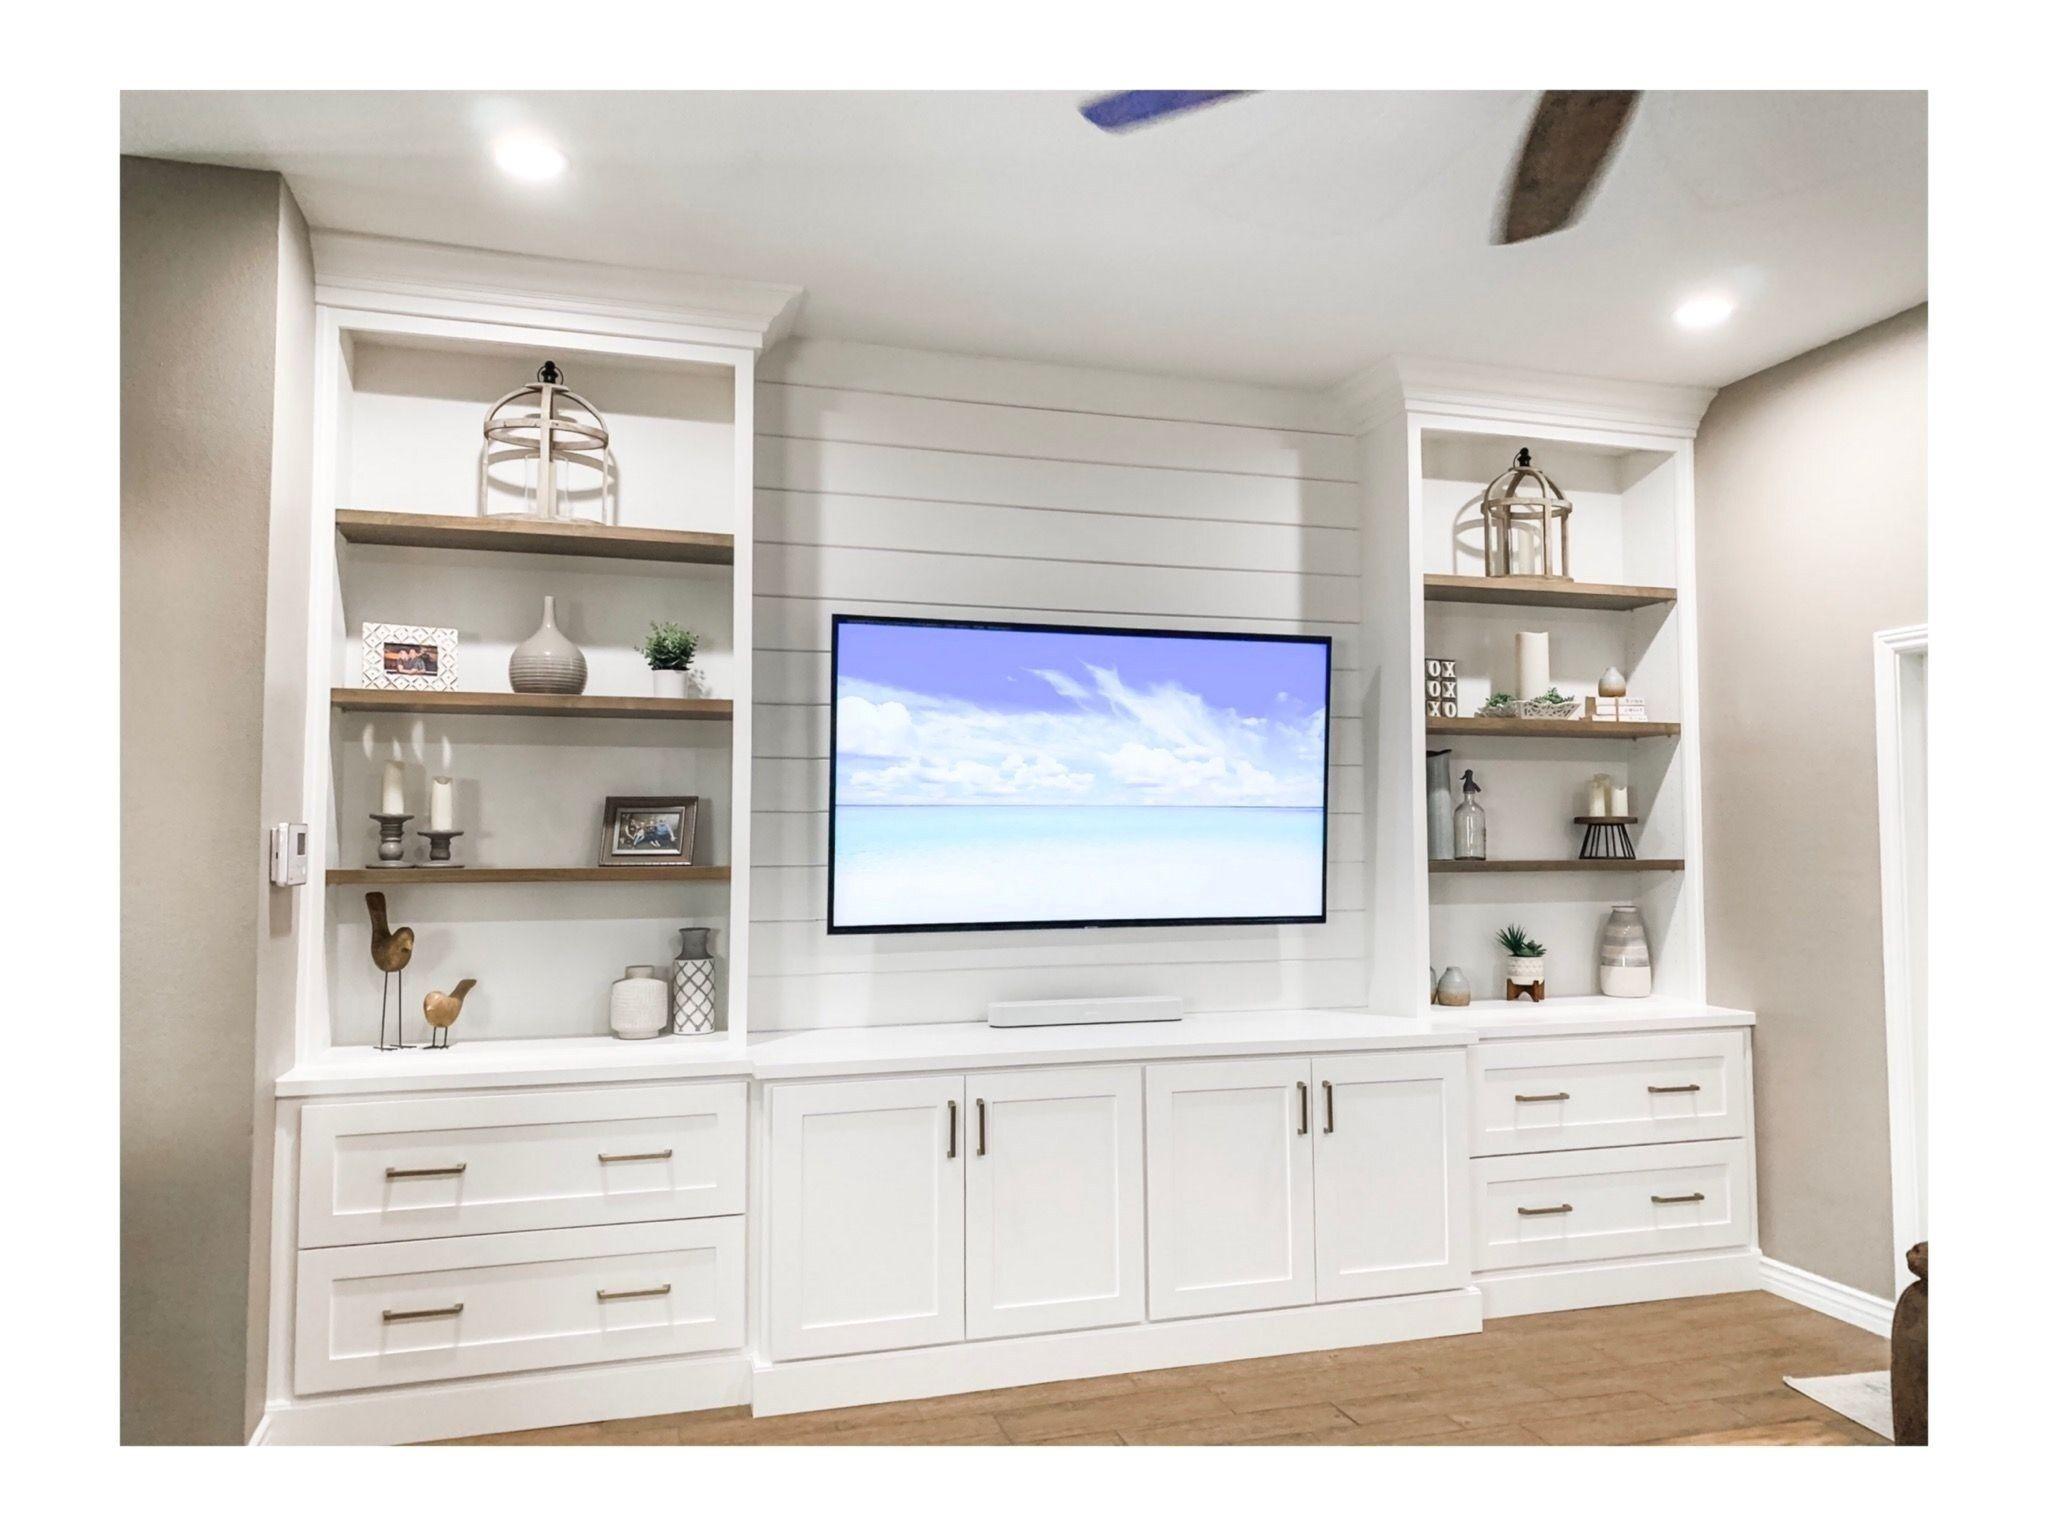 Custom Built In Entertainment Center In 2020 Living Room Entertainment Center Built In Entertainment Center Living Room Built Ins